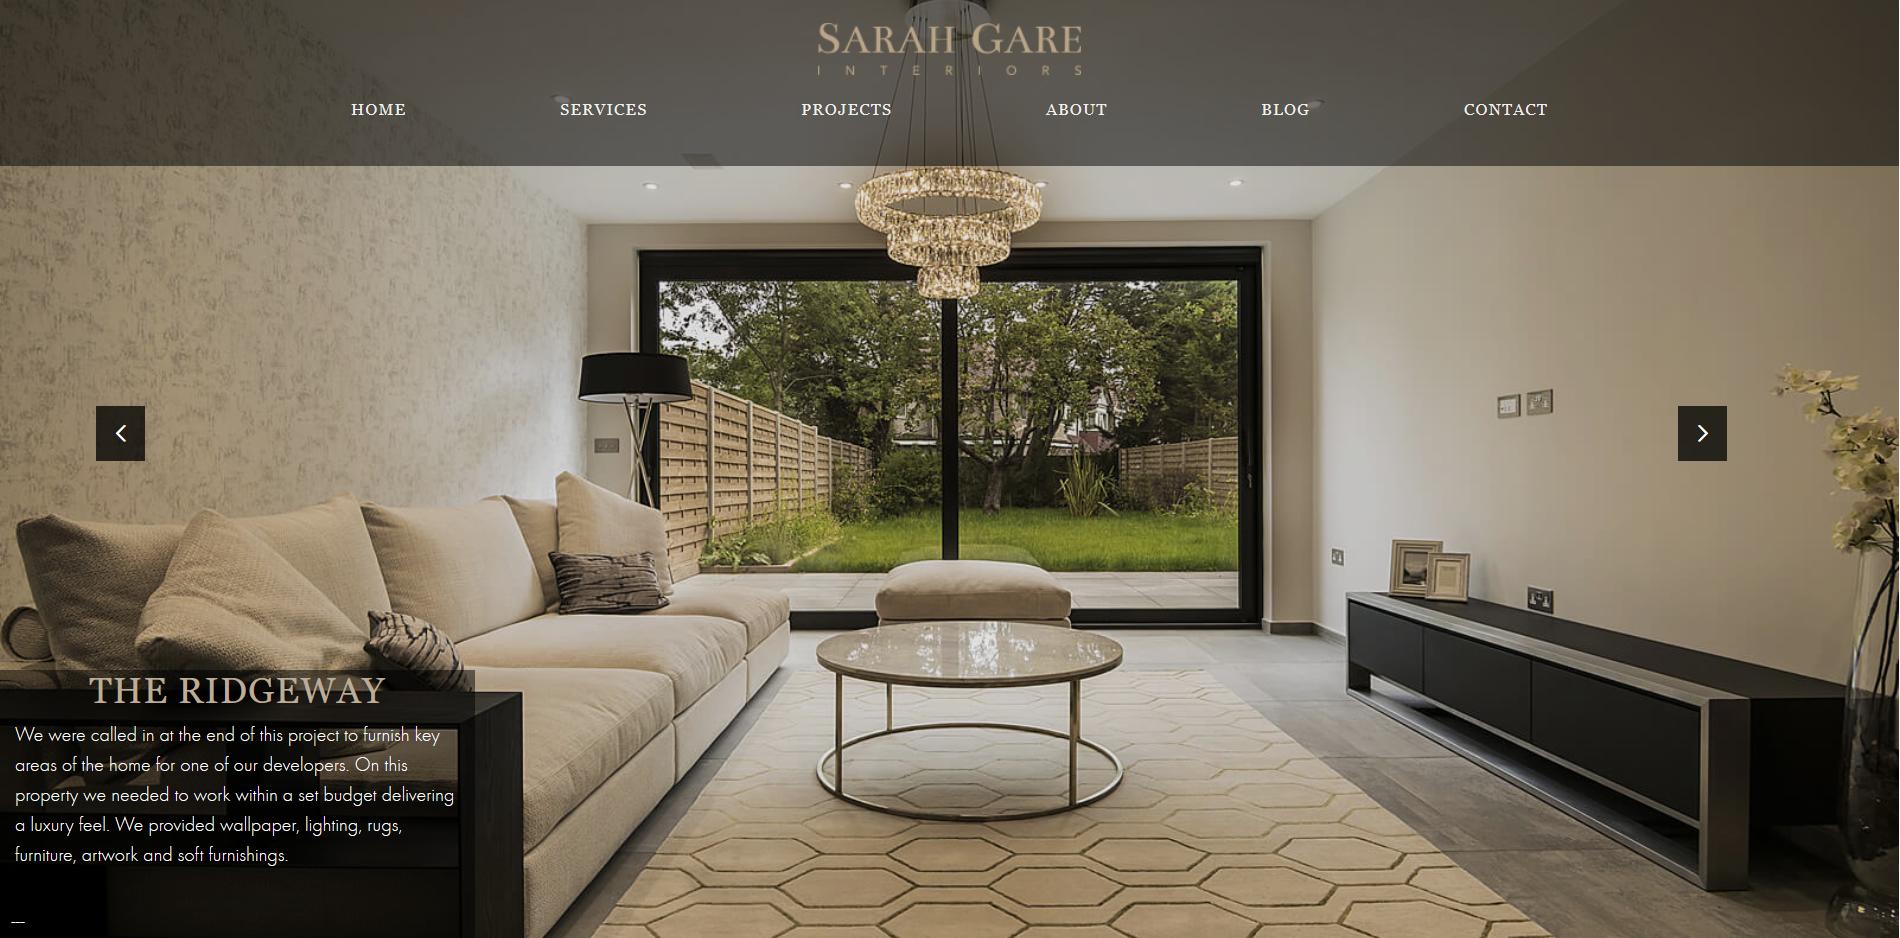 Sarah Gare interiors Portfolio Page